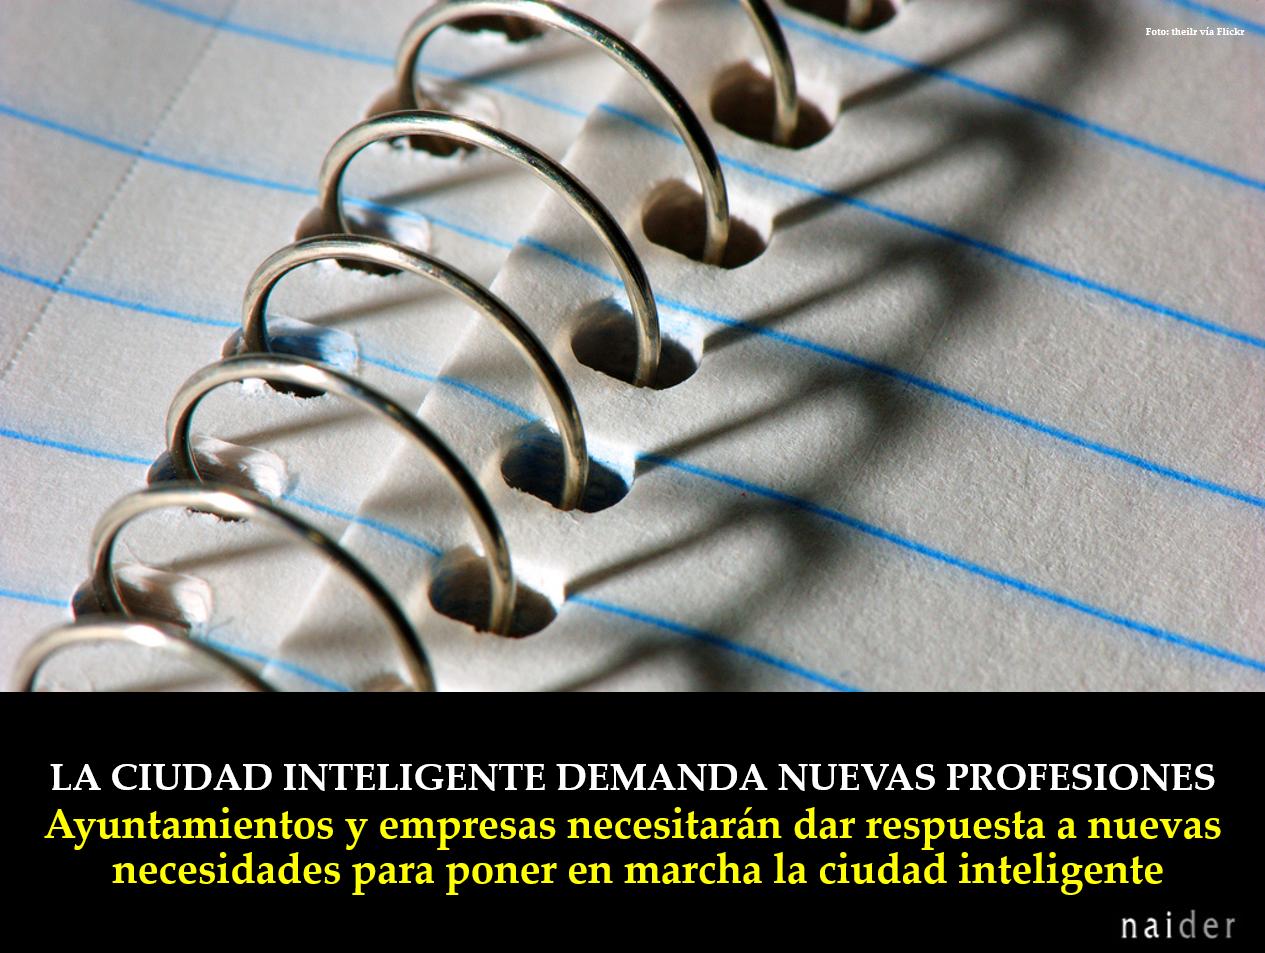 La ciudad inteligente demanda nuevos profesionales infopost.htm